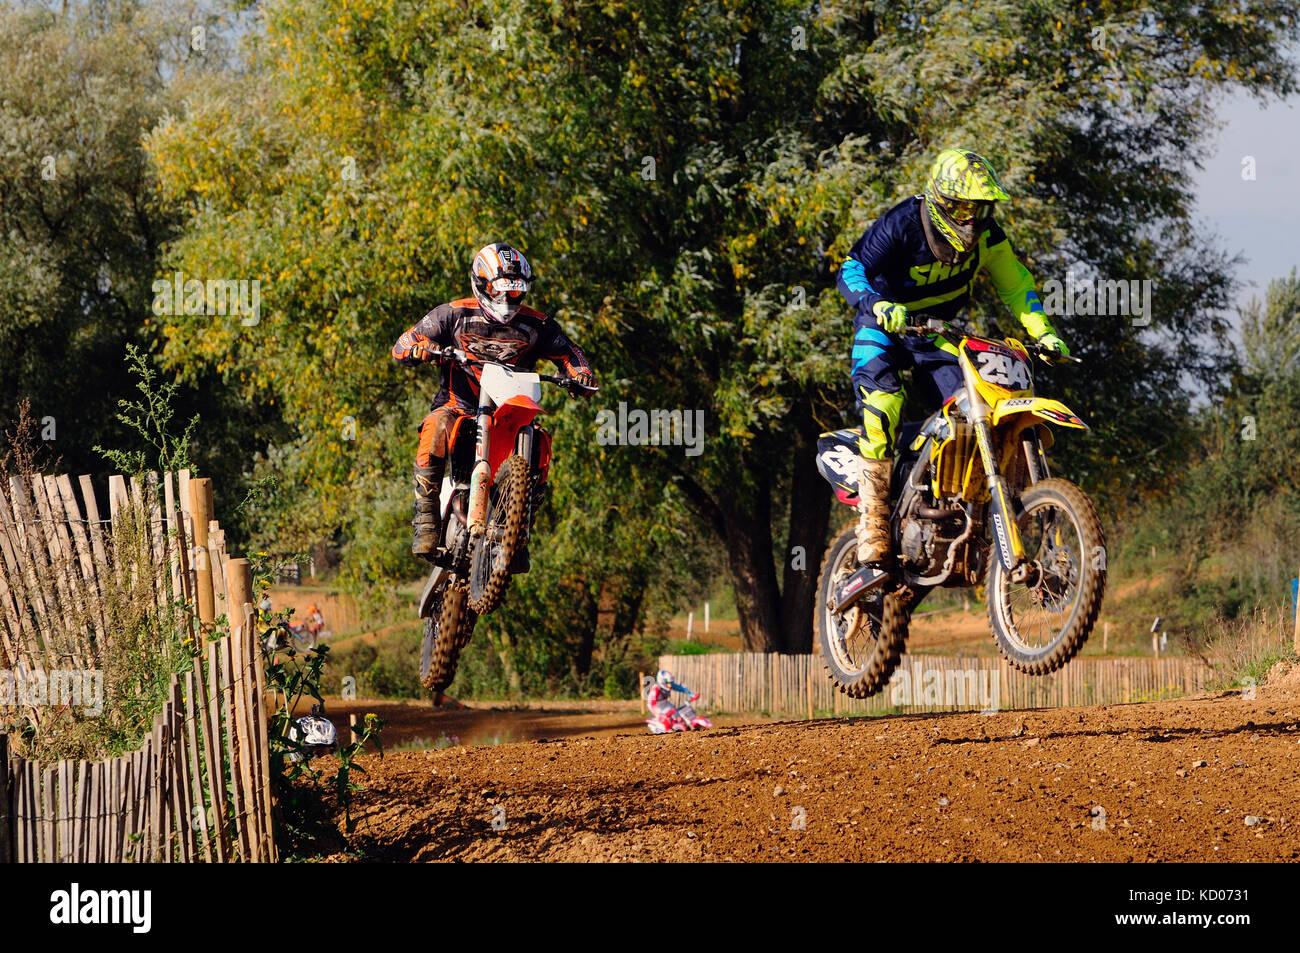 Motocross in Aktion Stockbild